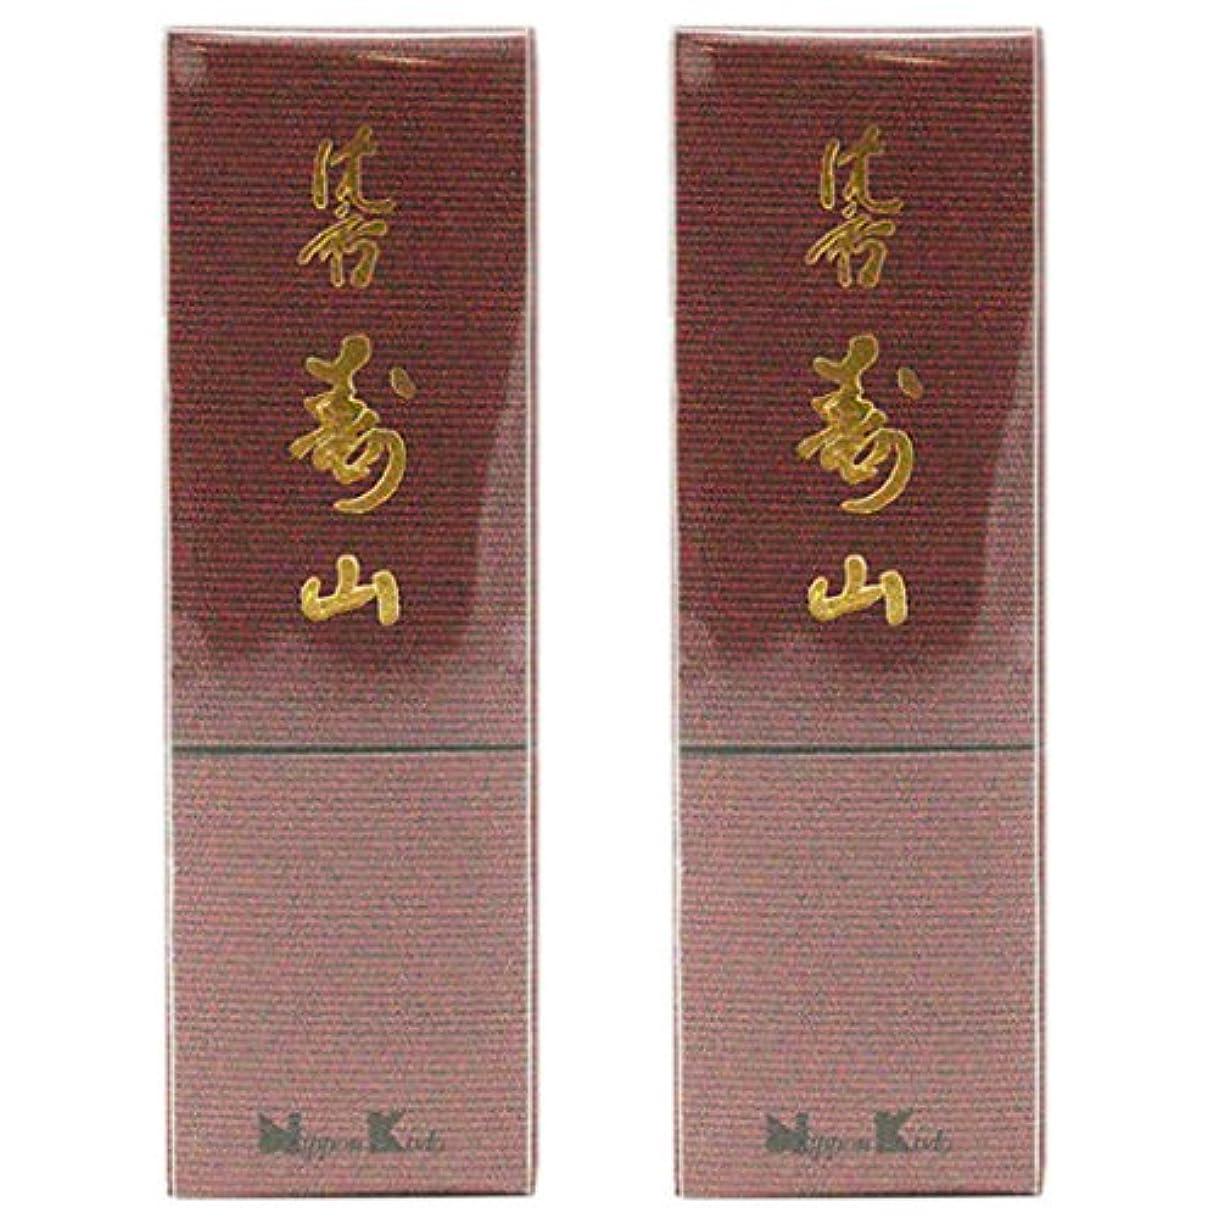 タバコ意志ほんの沈香寿山 スティック24本入 2個セット